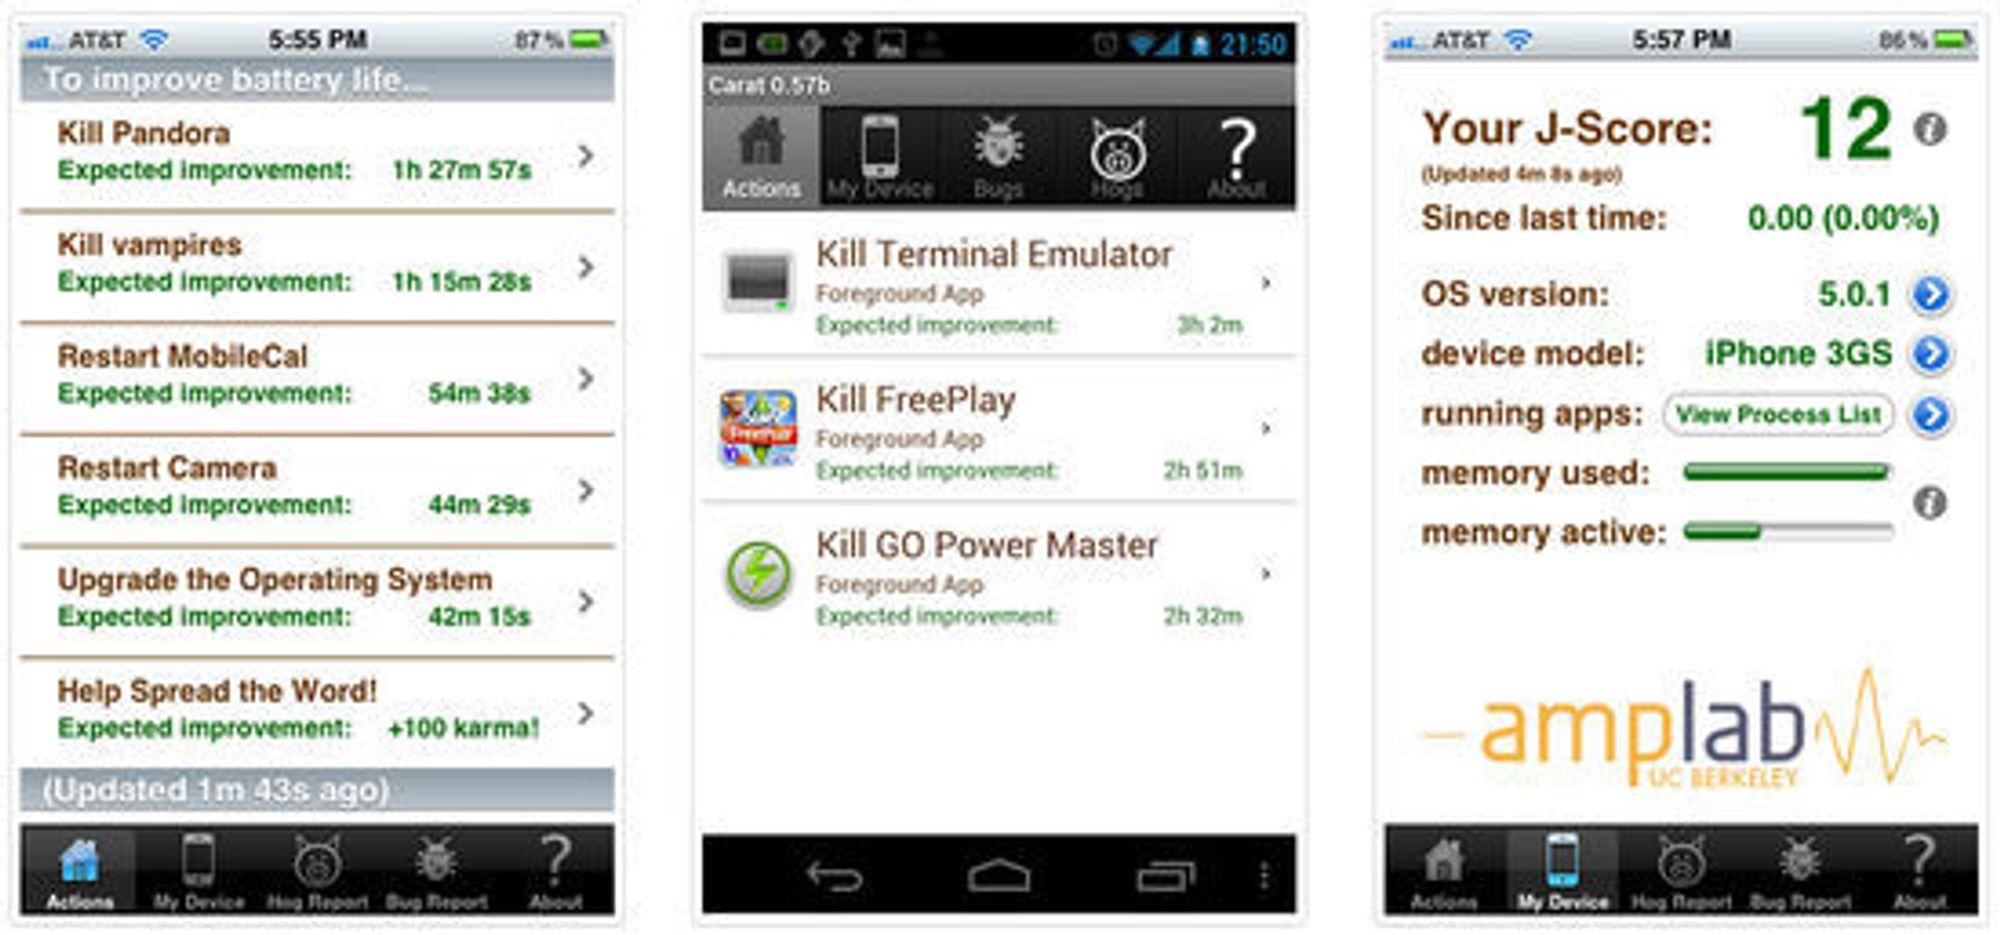 Carat-applikasjonen  forteller brukeren hvilke applikasjoner som bruker mest energi, i tillegg til å komme med tips om hvordan batteritiden kan forlenges.